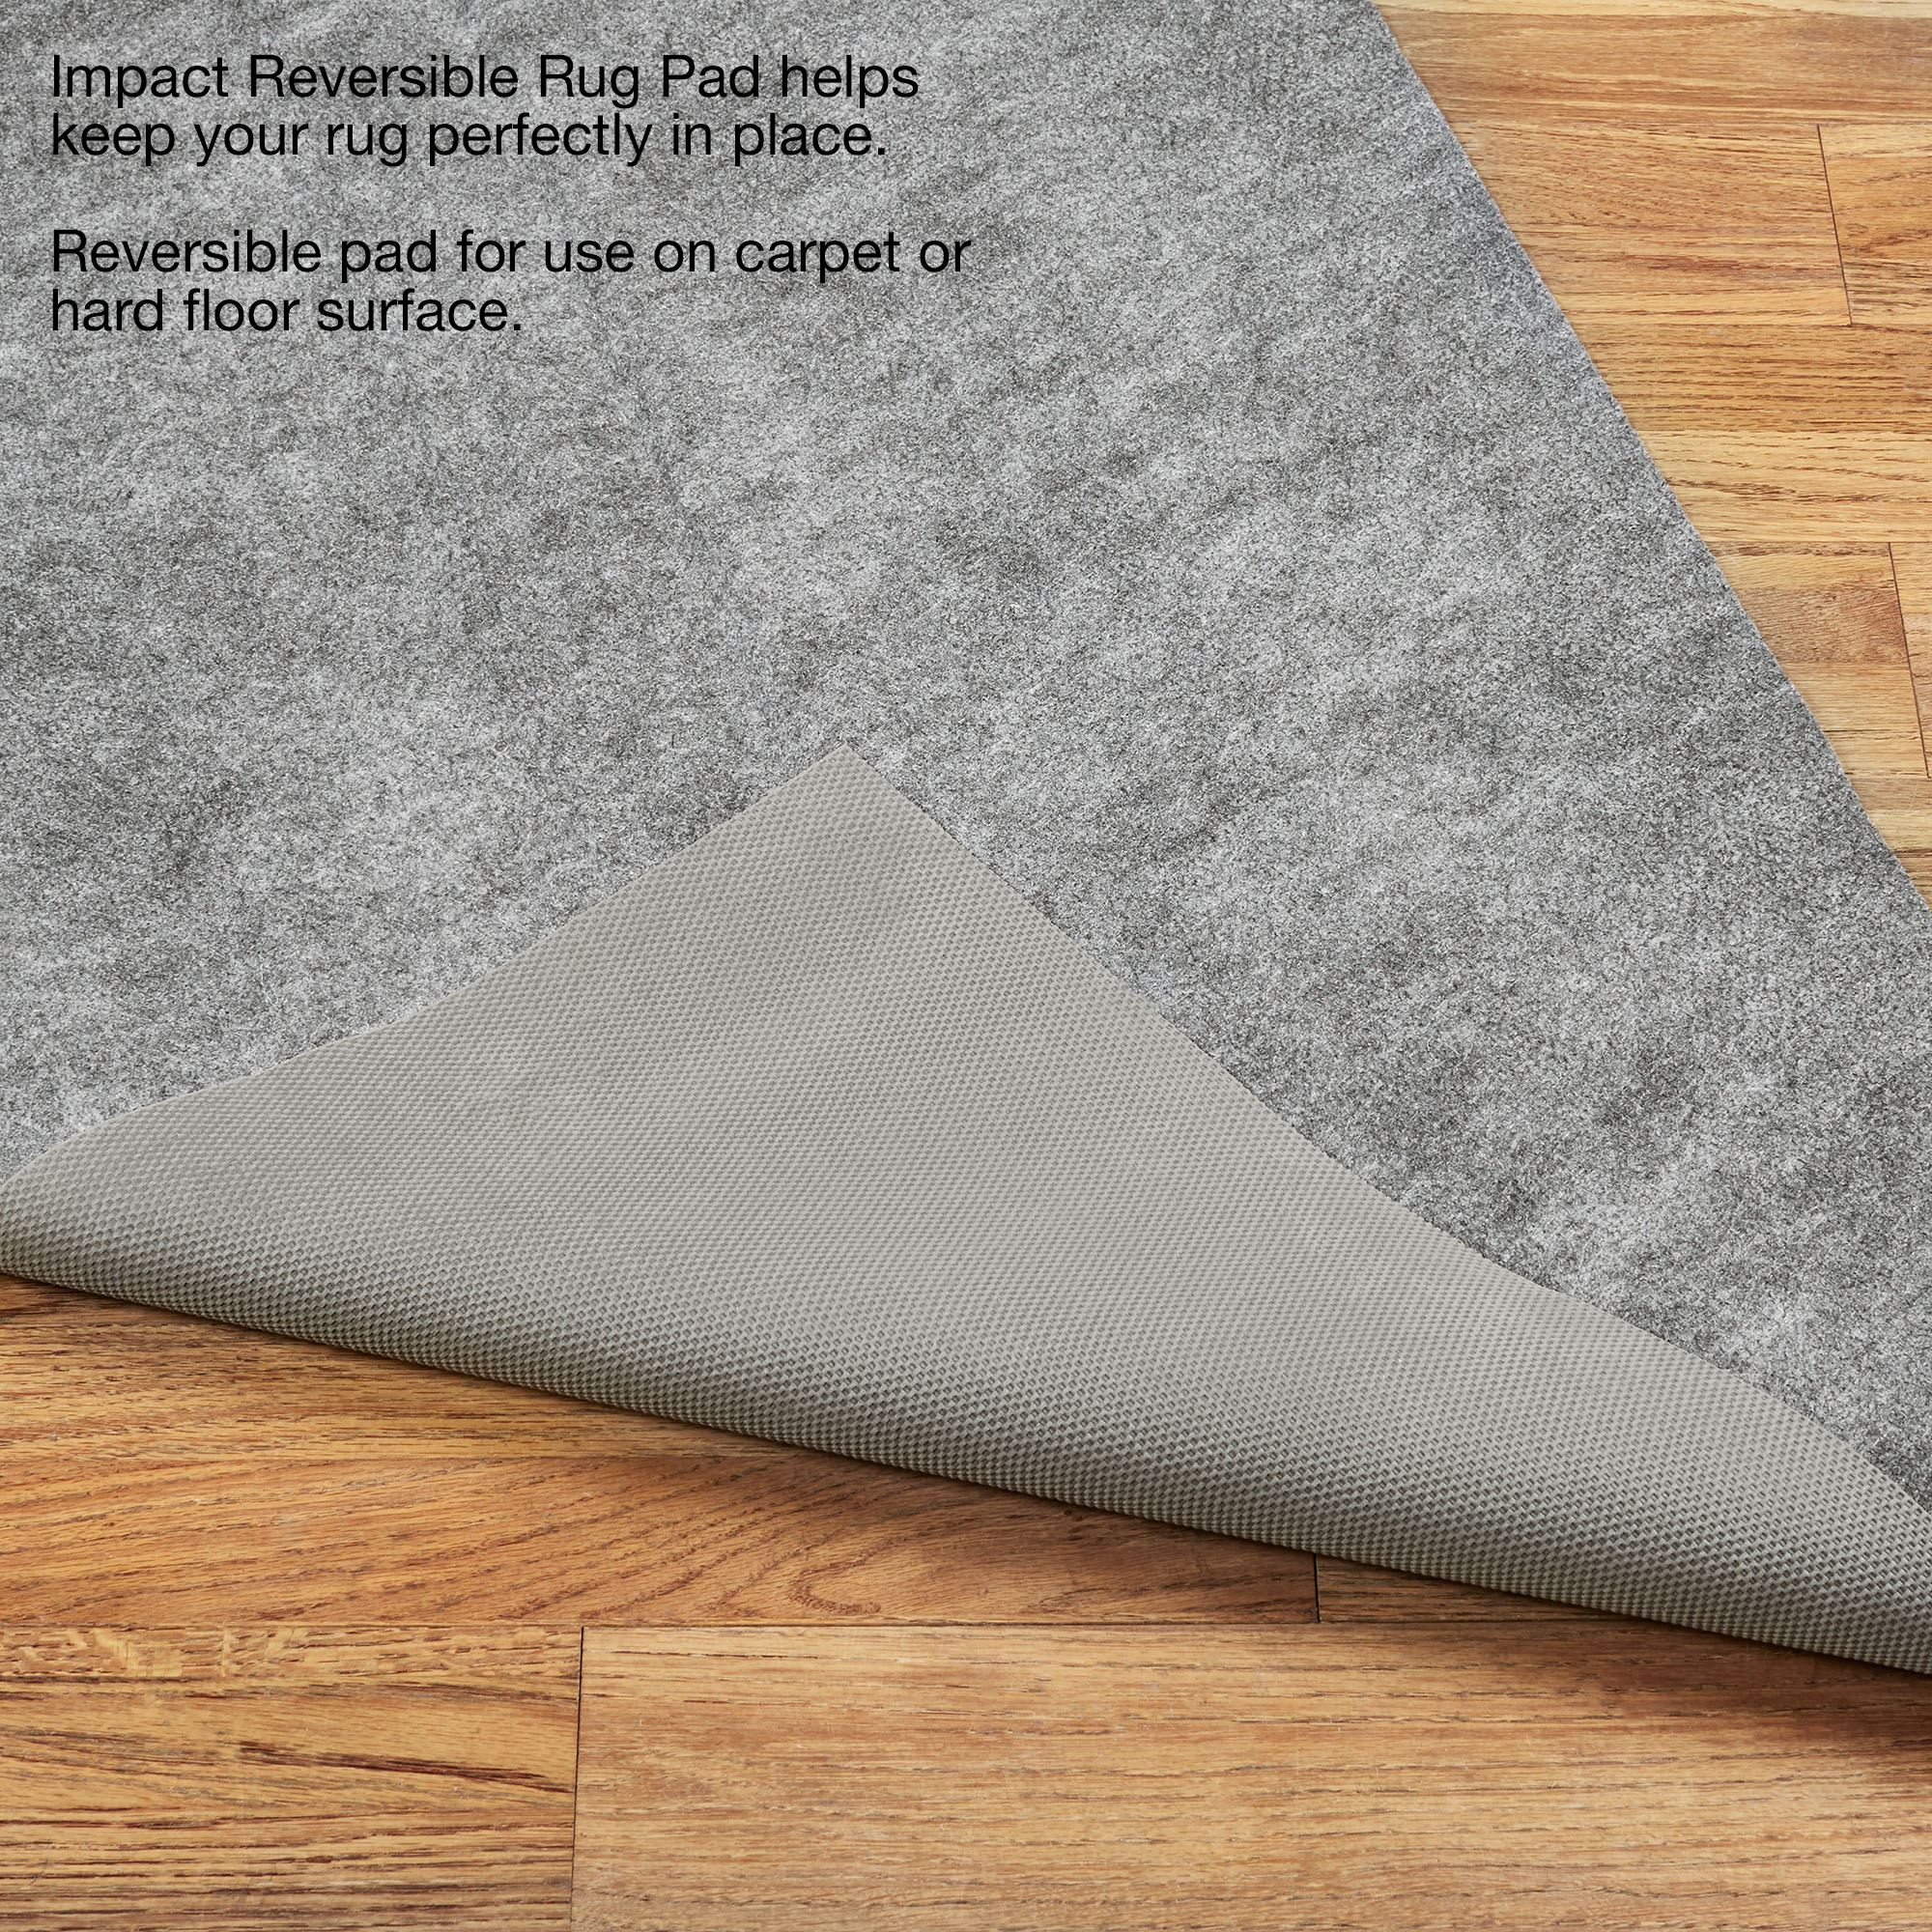 Runner Rug Pad For Hard Flooring Or Carpet